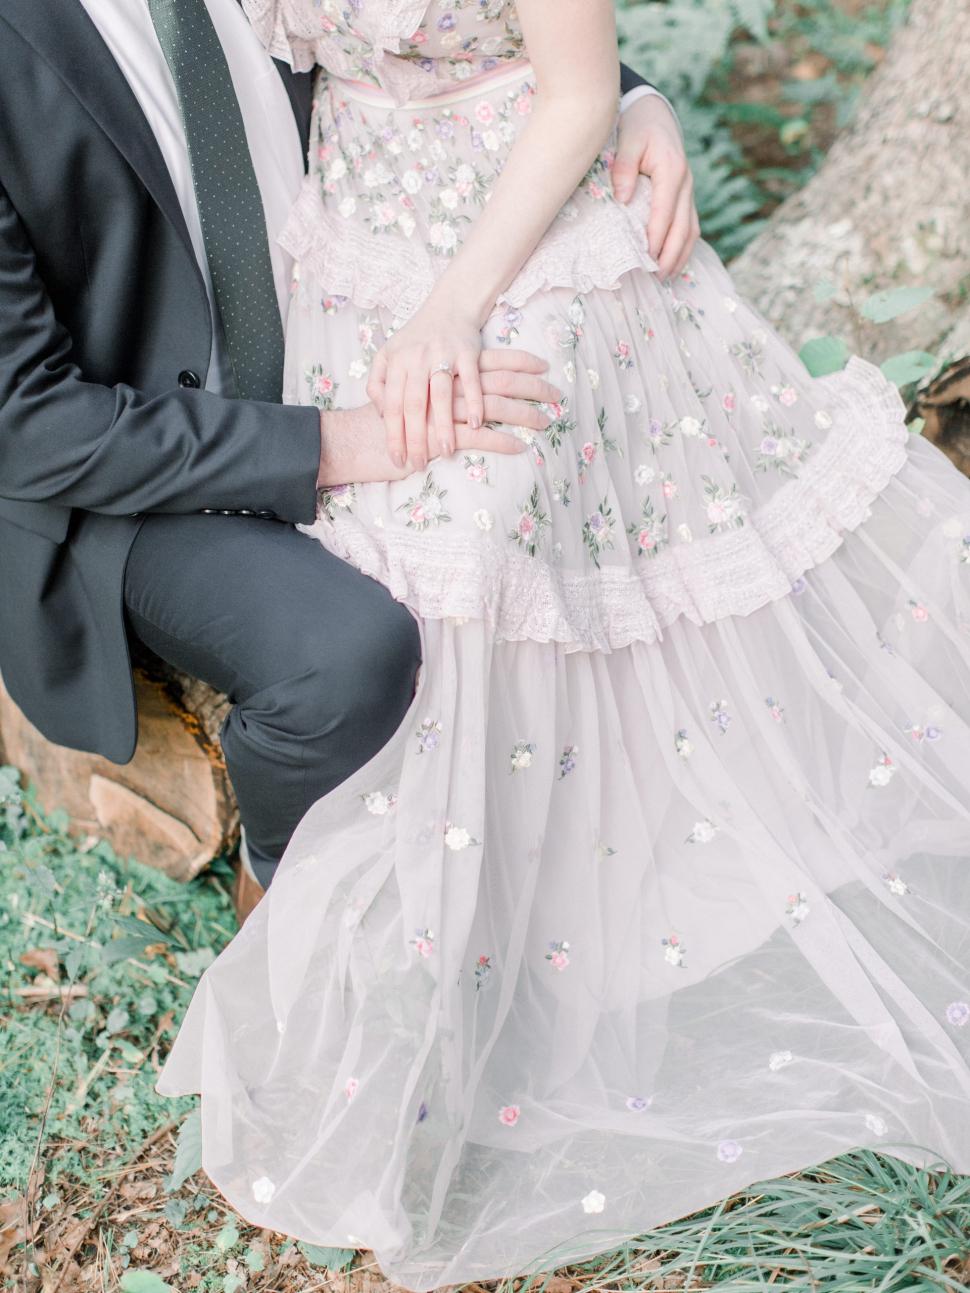 Poconos-Wedding-Photographer-Cassi-Claire-Poconos-Engagement-Photos_10.jpg